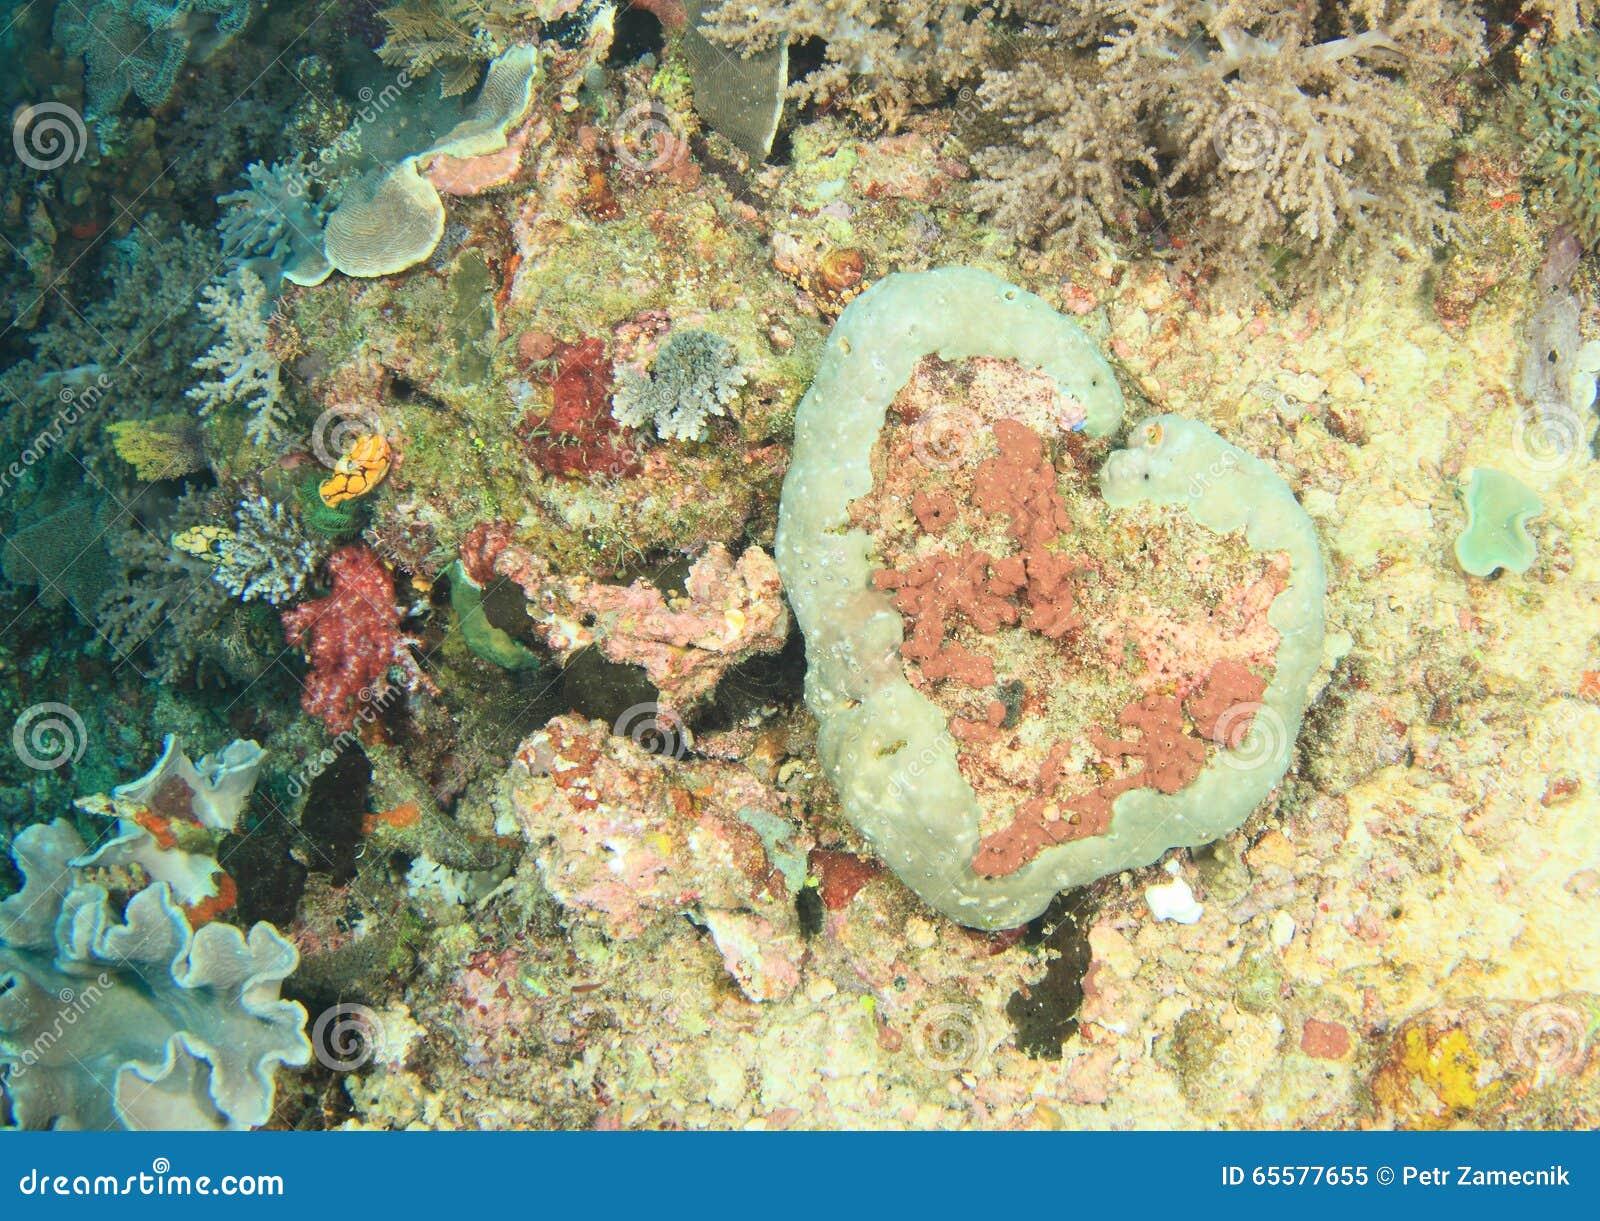 Recife de corais do coração